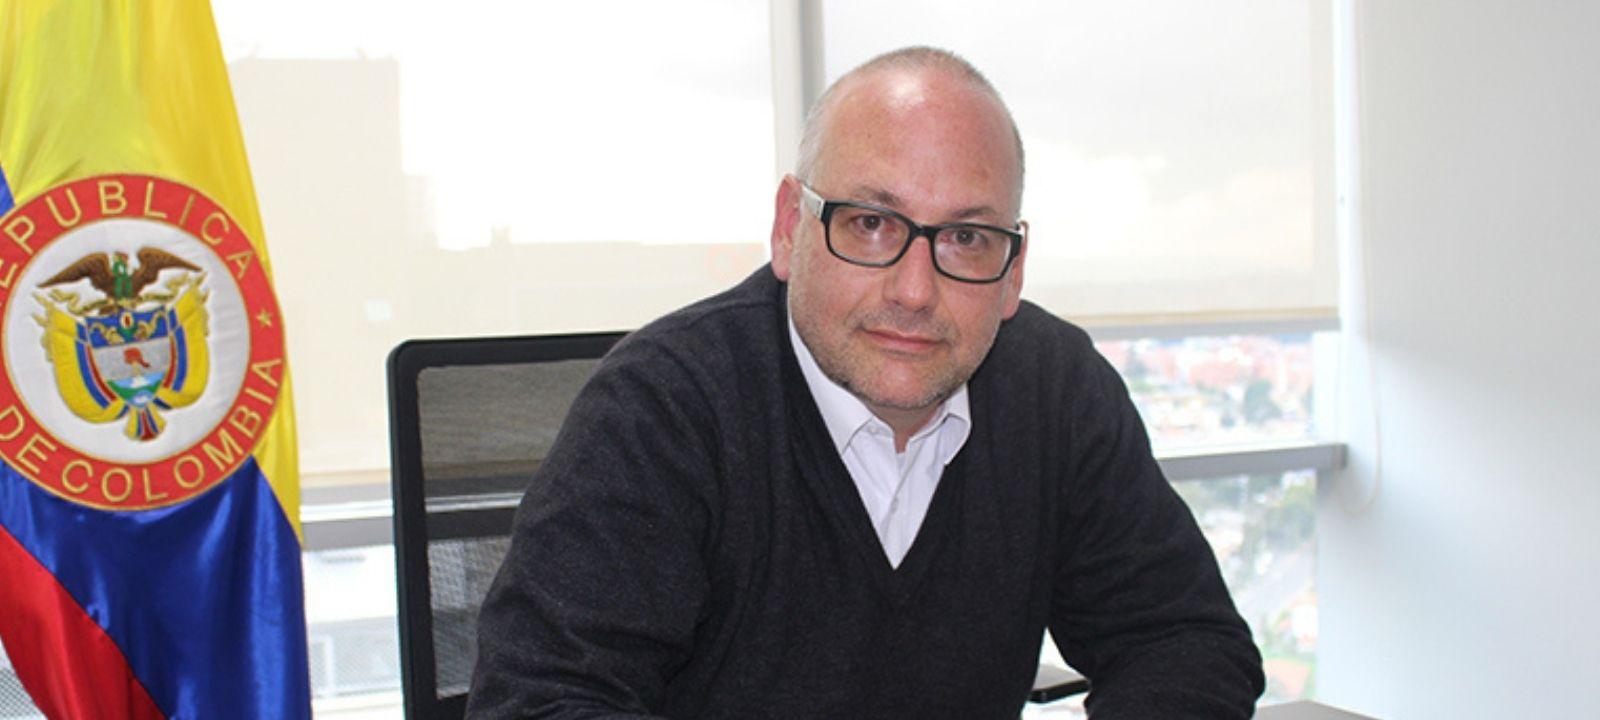 Christian Jaramillo es el nuevo director de la Unidad de Planeación Minero-Energética